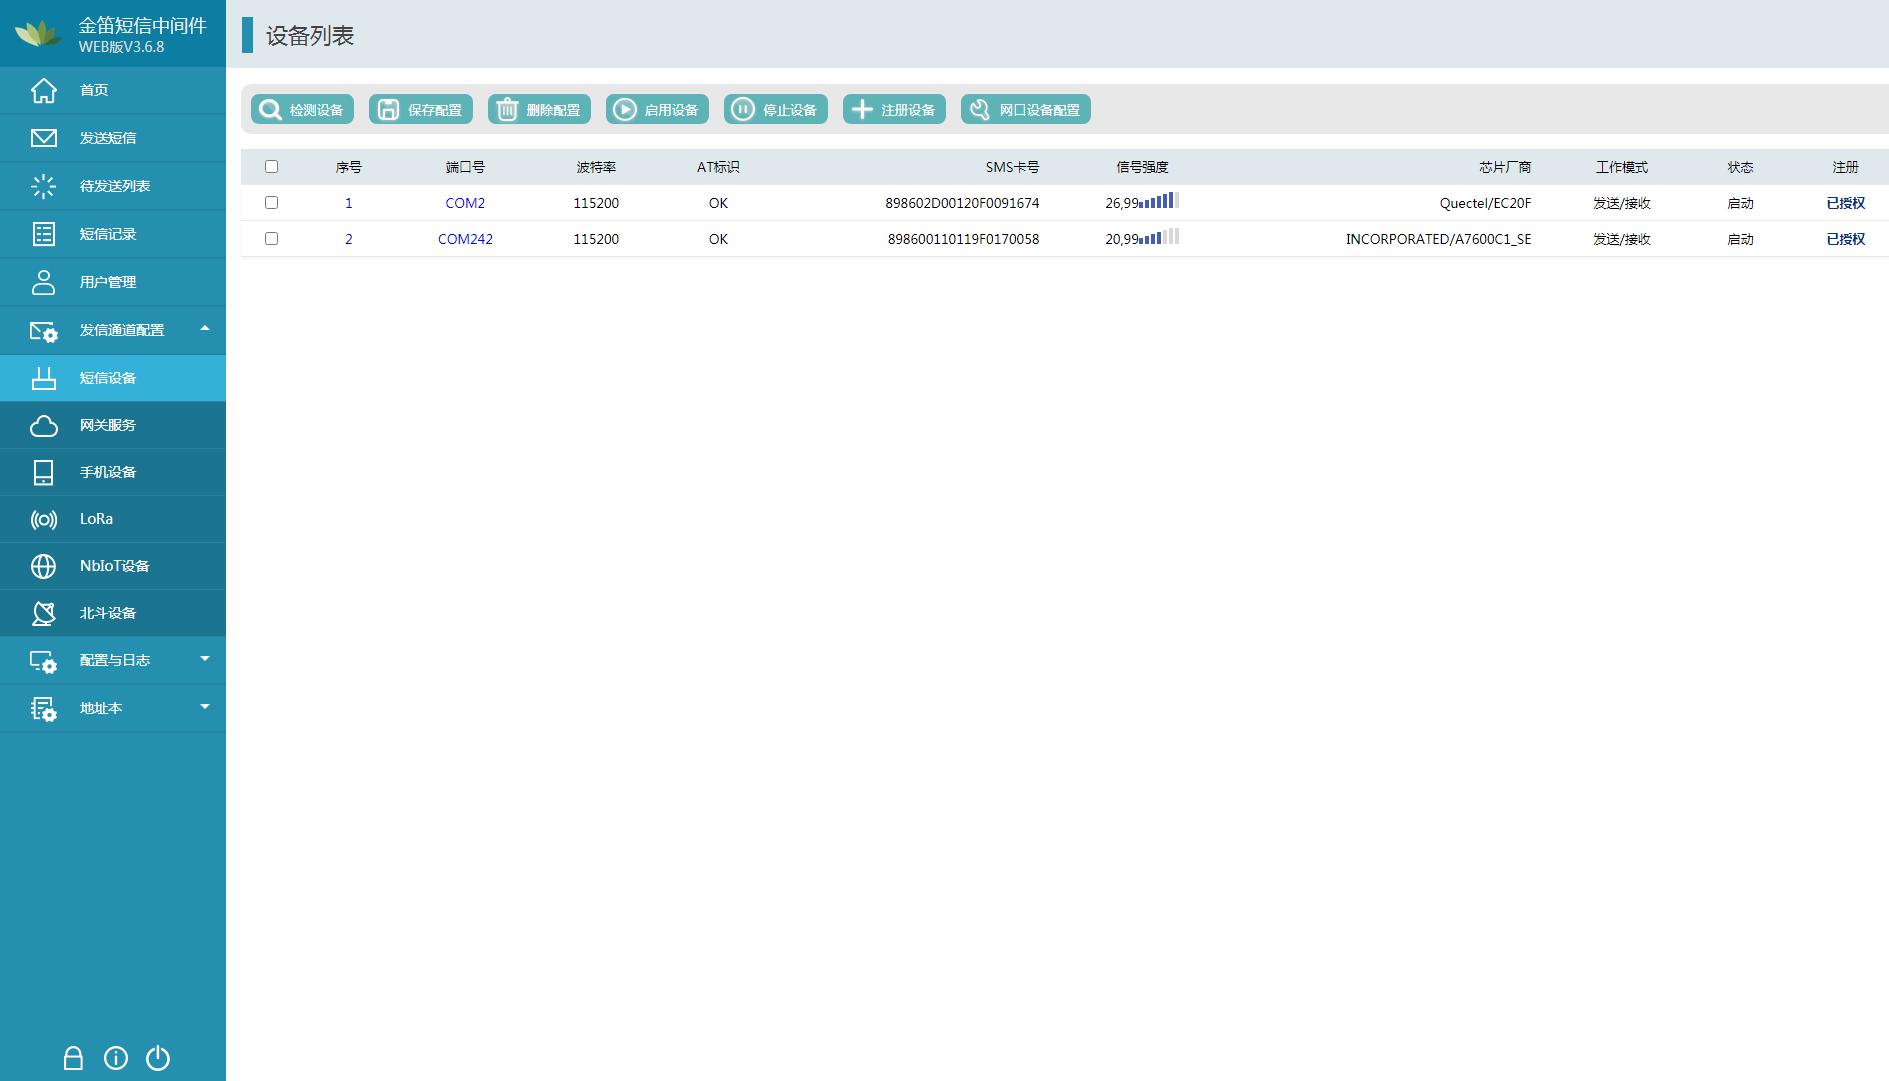 金笛短信中间件web版3.6.9全新发布